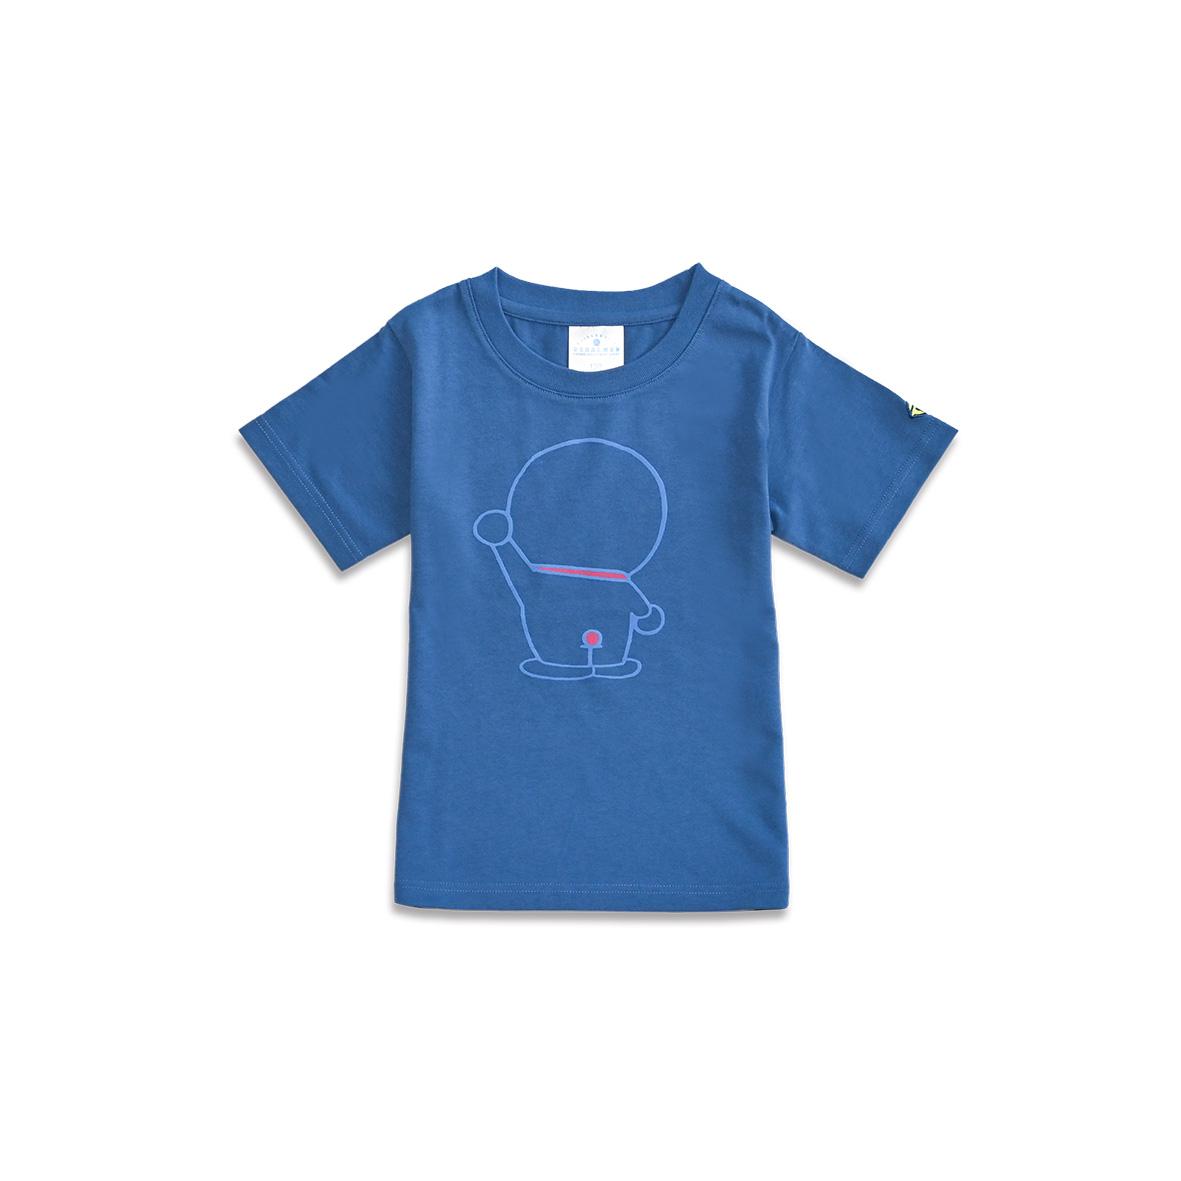 Tシャツ ドラえもん後ろすがた ブルー130